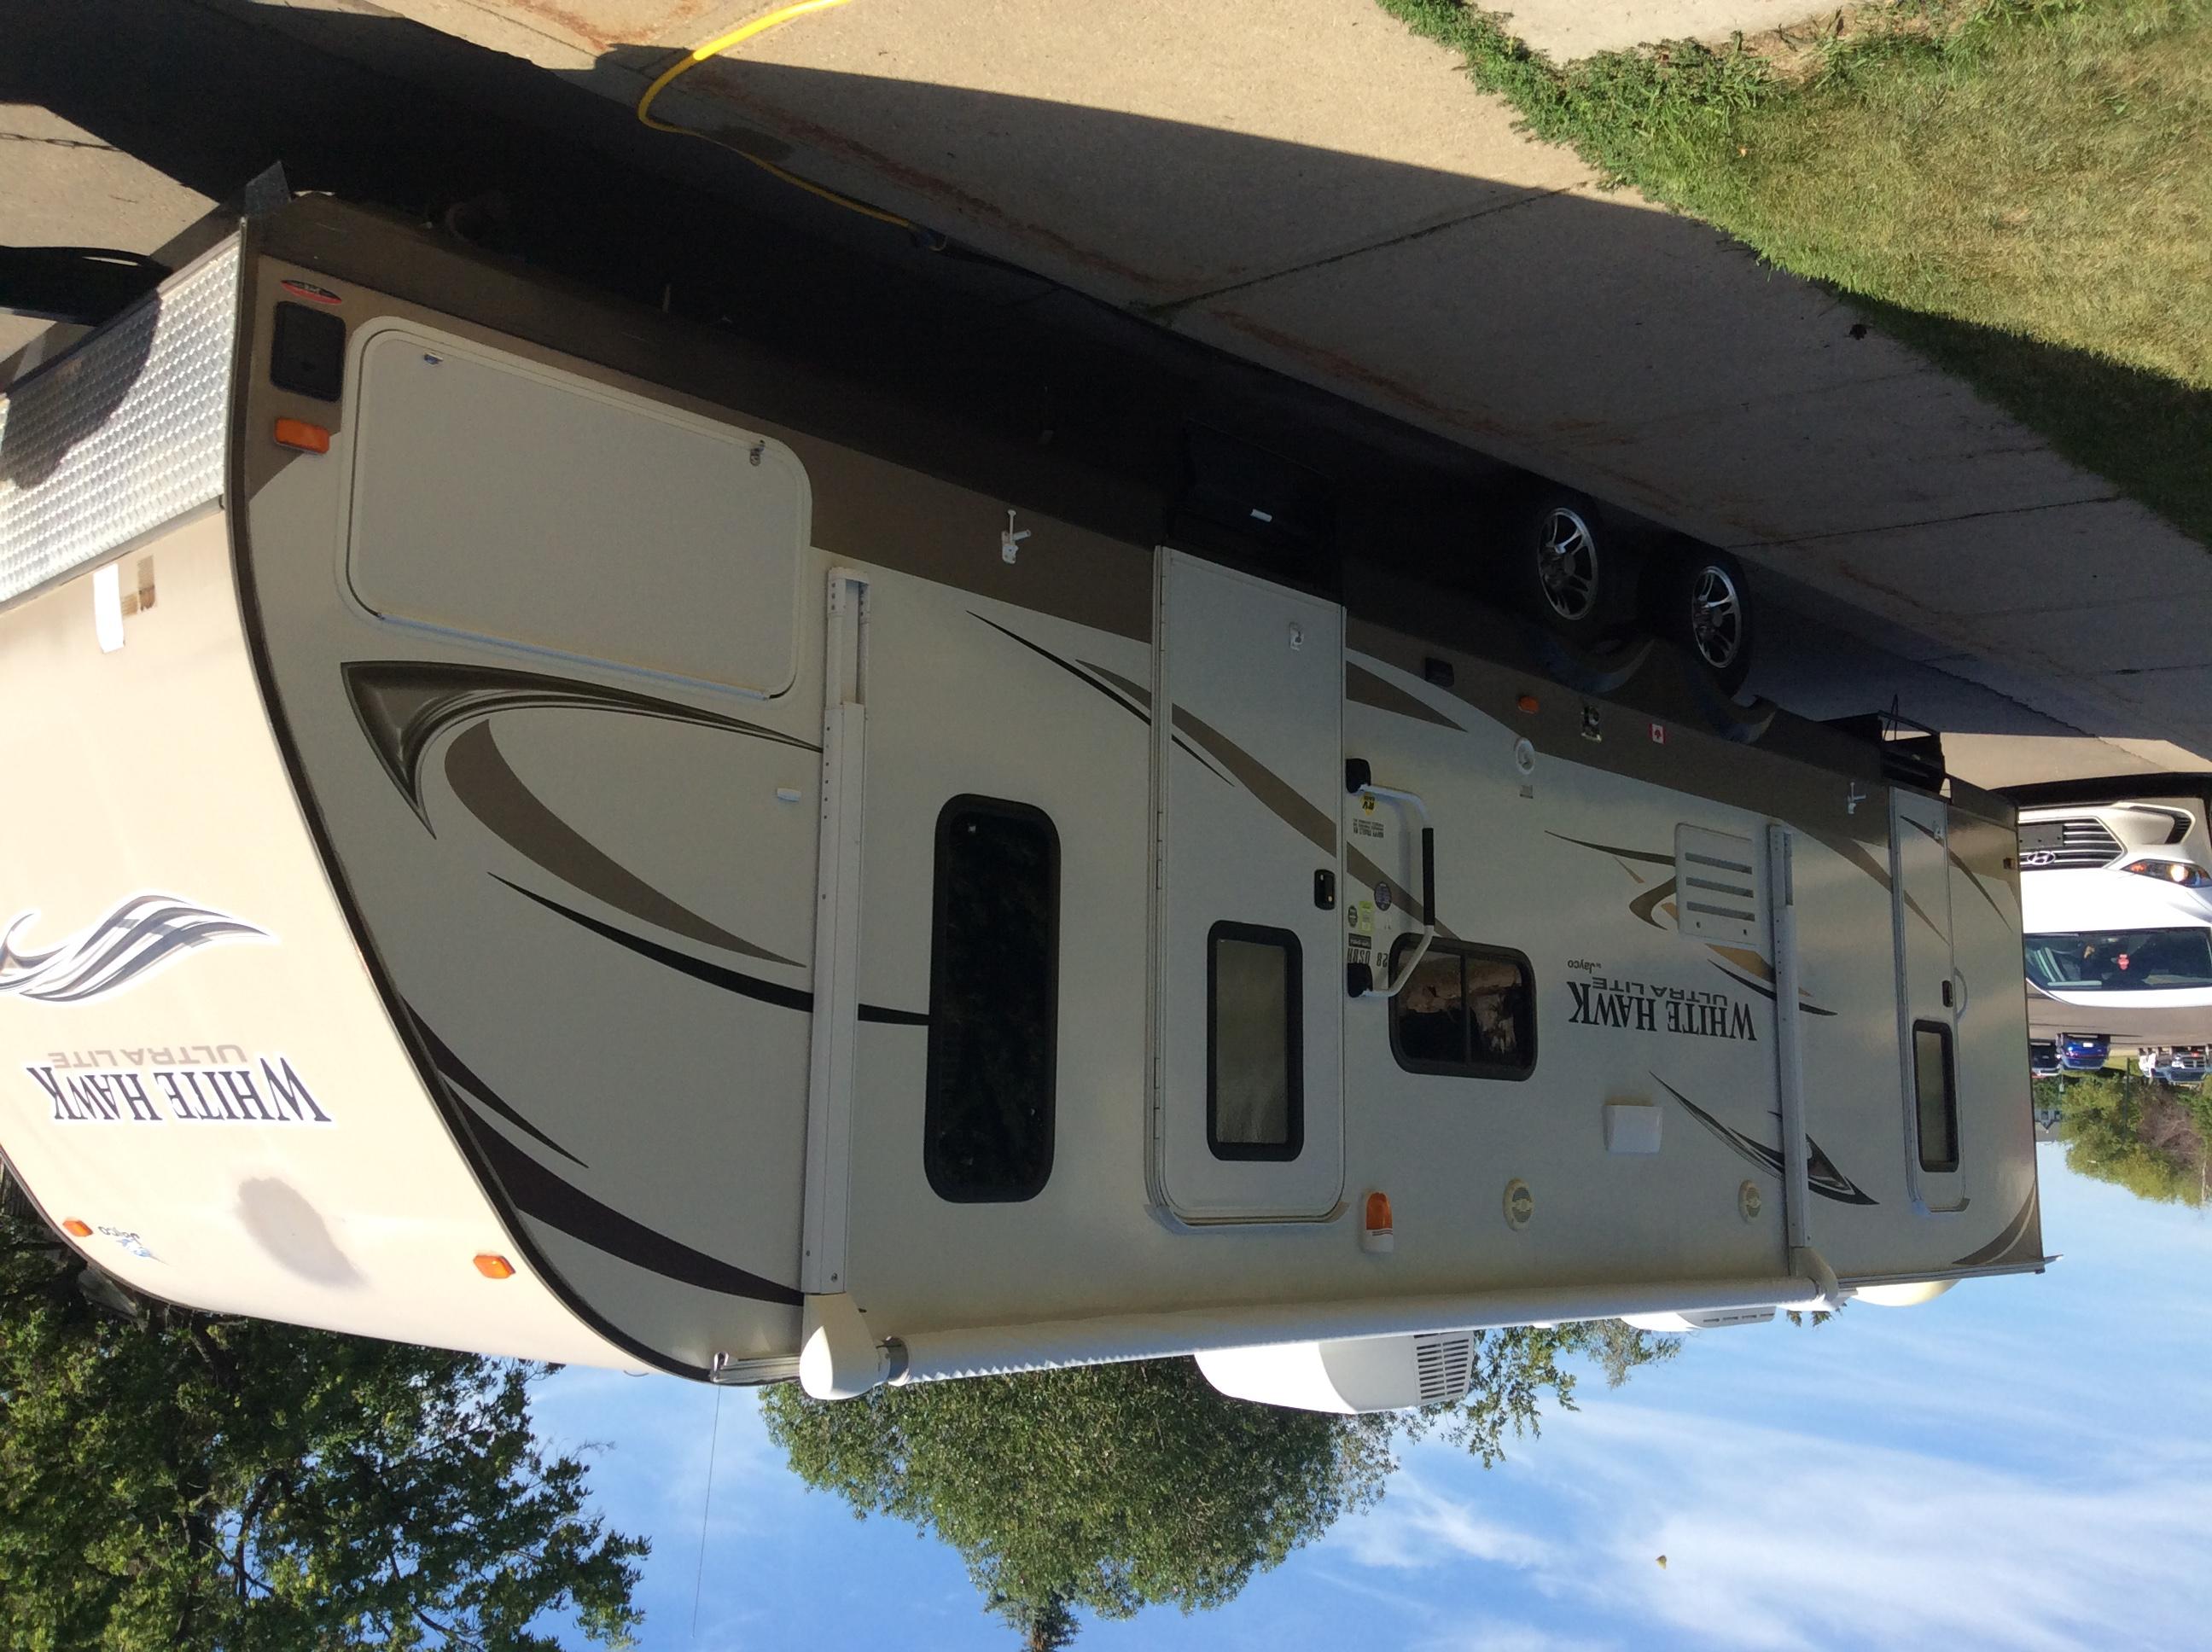 2012 Jayco White Hawk Ultra Lite Trailer Rental in Red ...